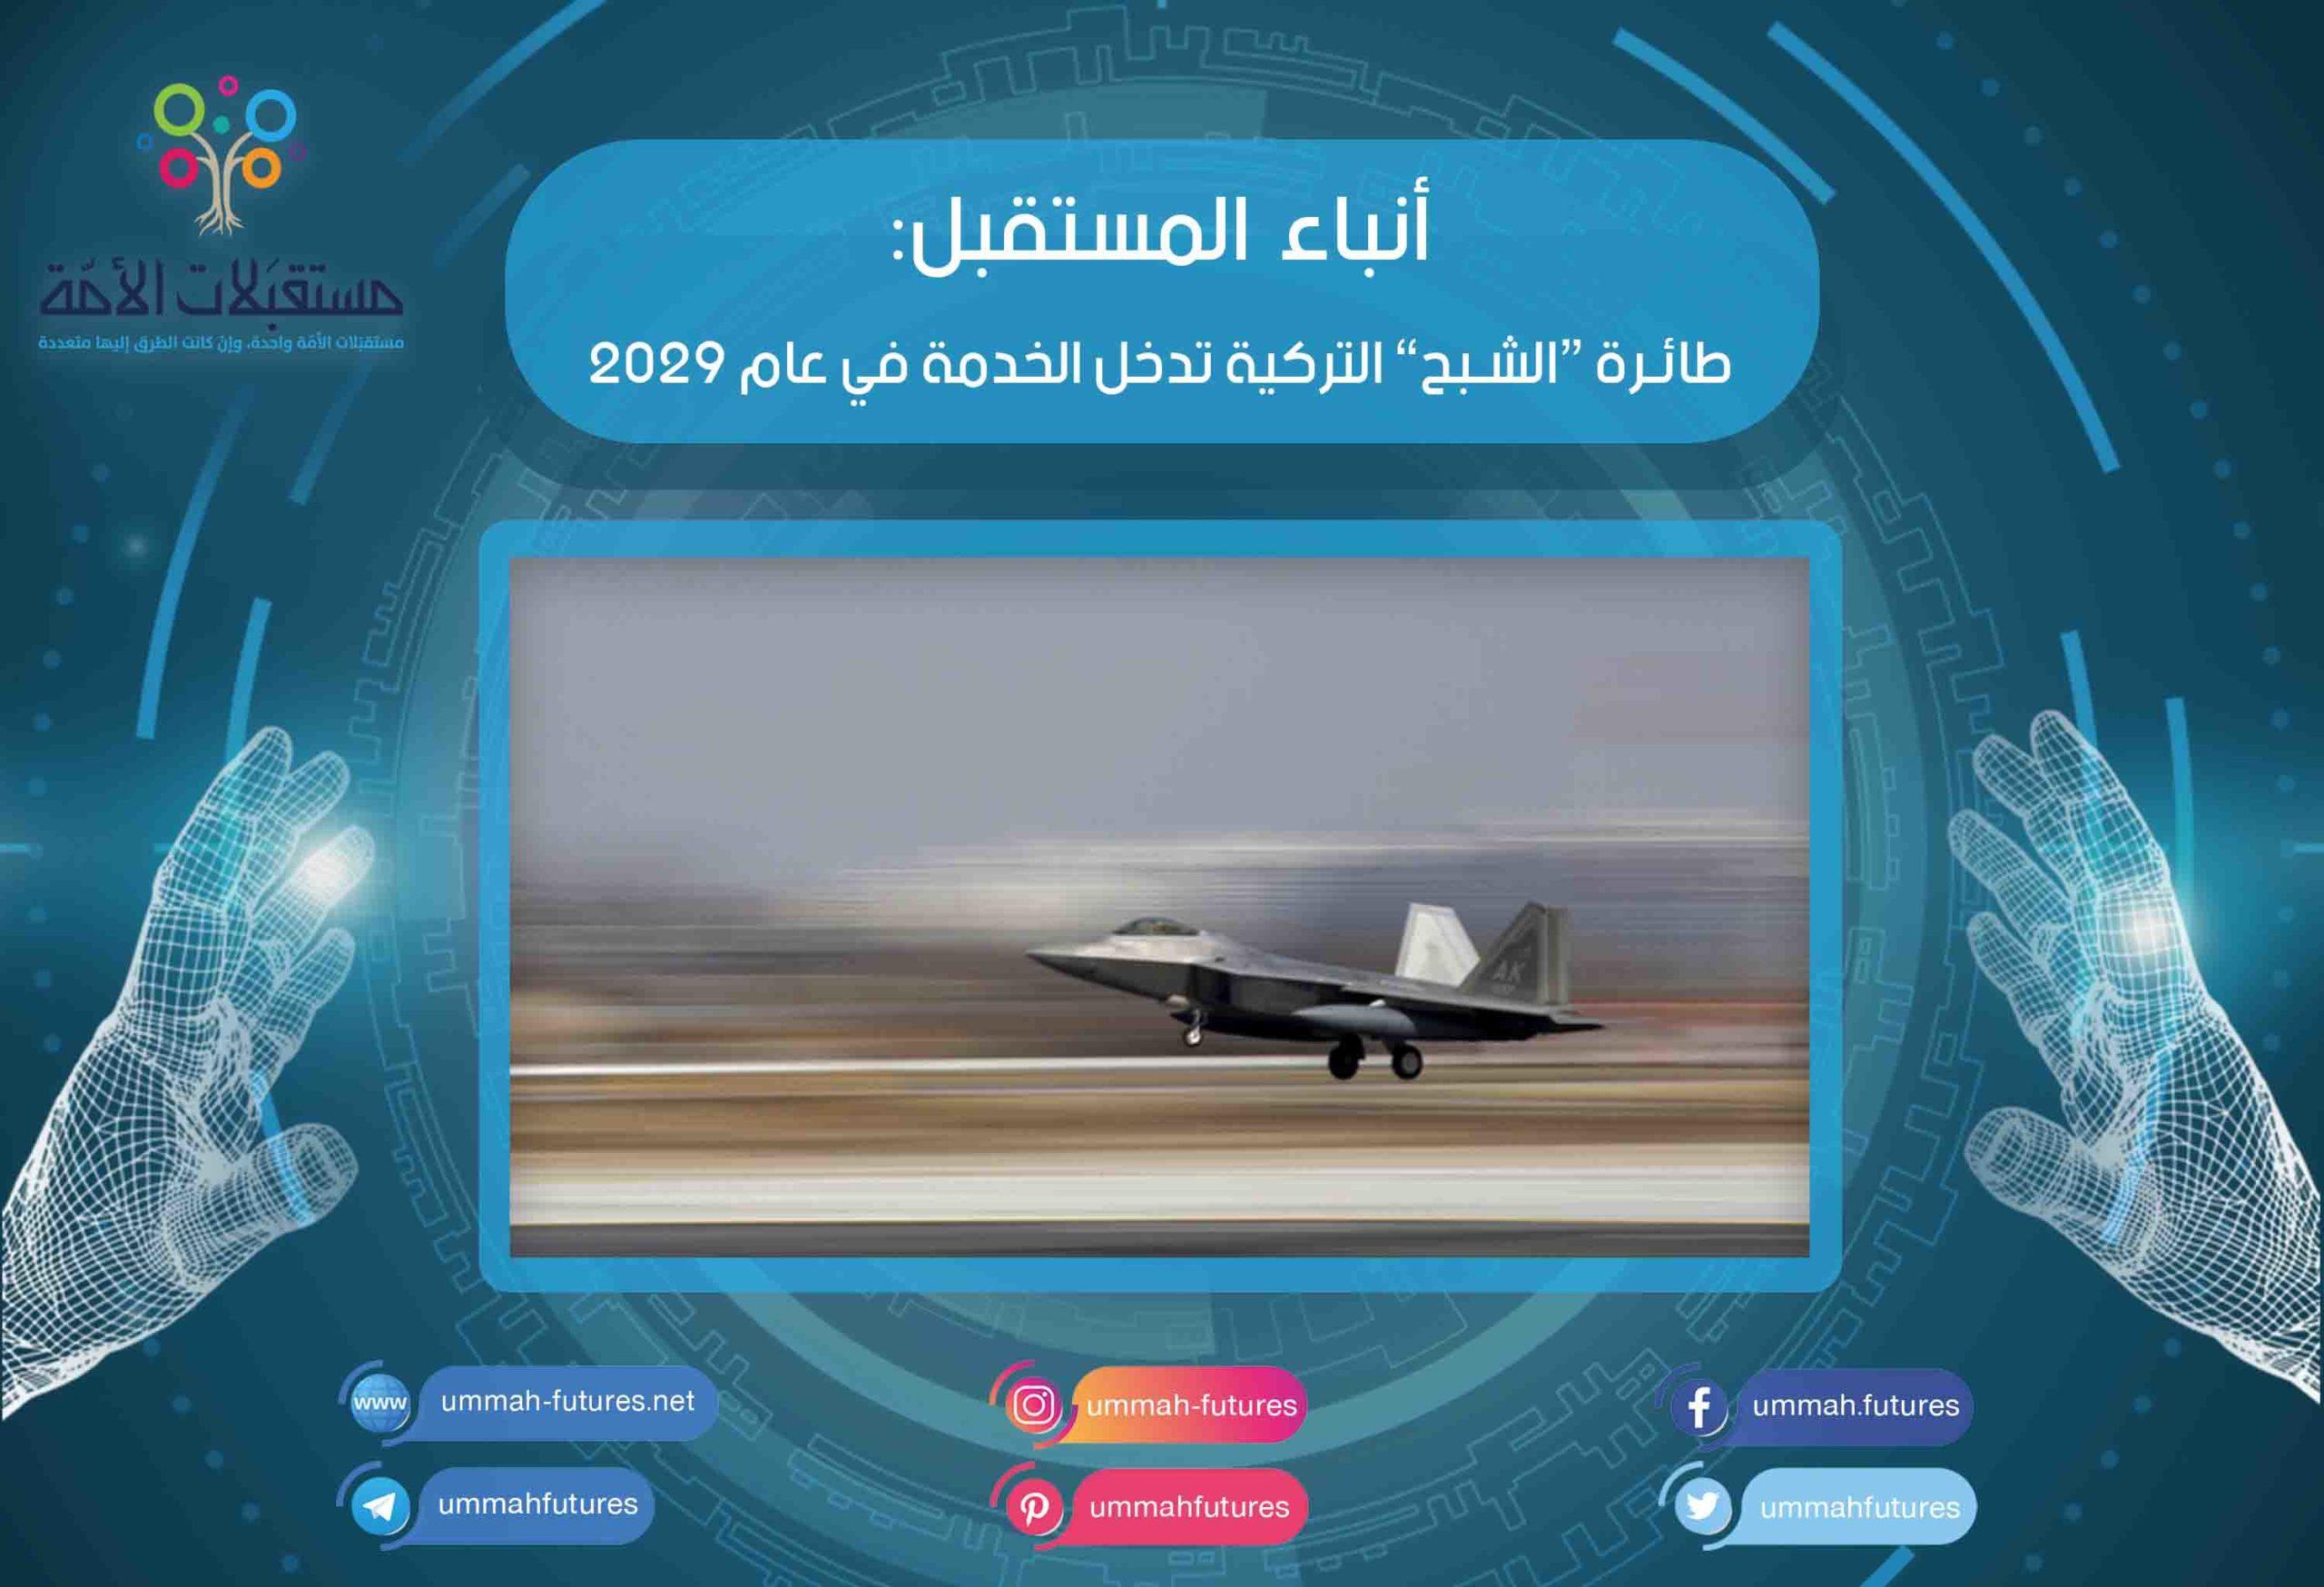 """طائرة """"الشبح"""" التركية تدخل الخدمة في عام 2029"""